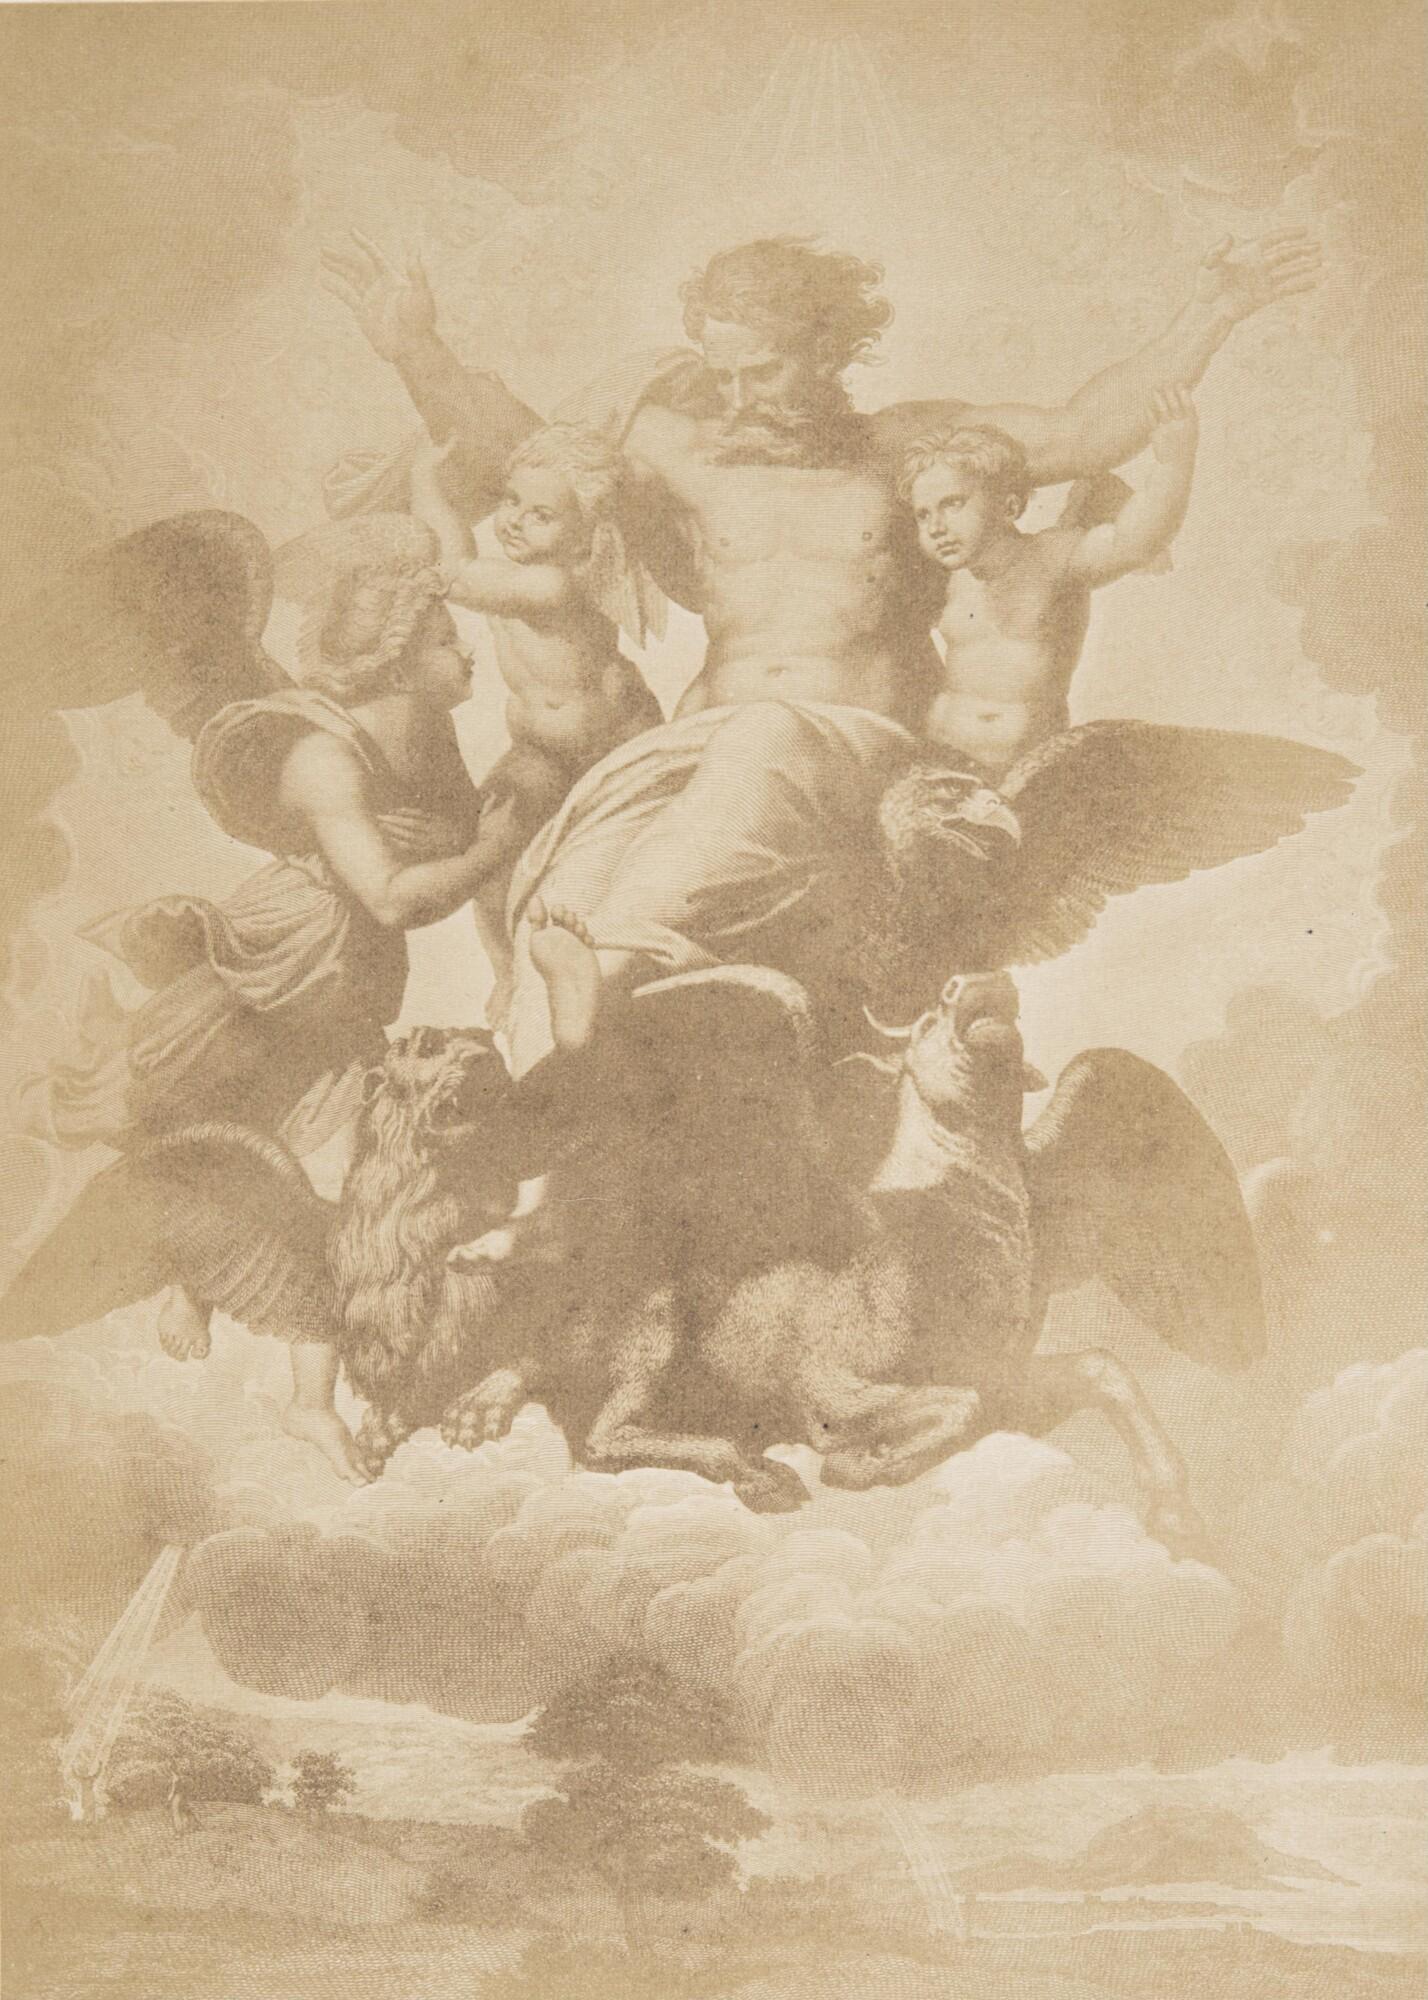 Джованни Брэмптон Филпот.    Рафаэль Санти«Видение пророка Иезекииля». Палаццо Питти, 1865   Альбуминовый отпечаток